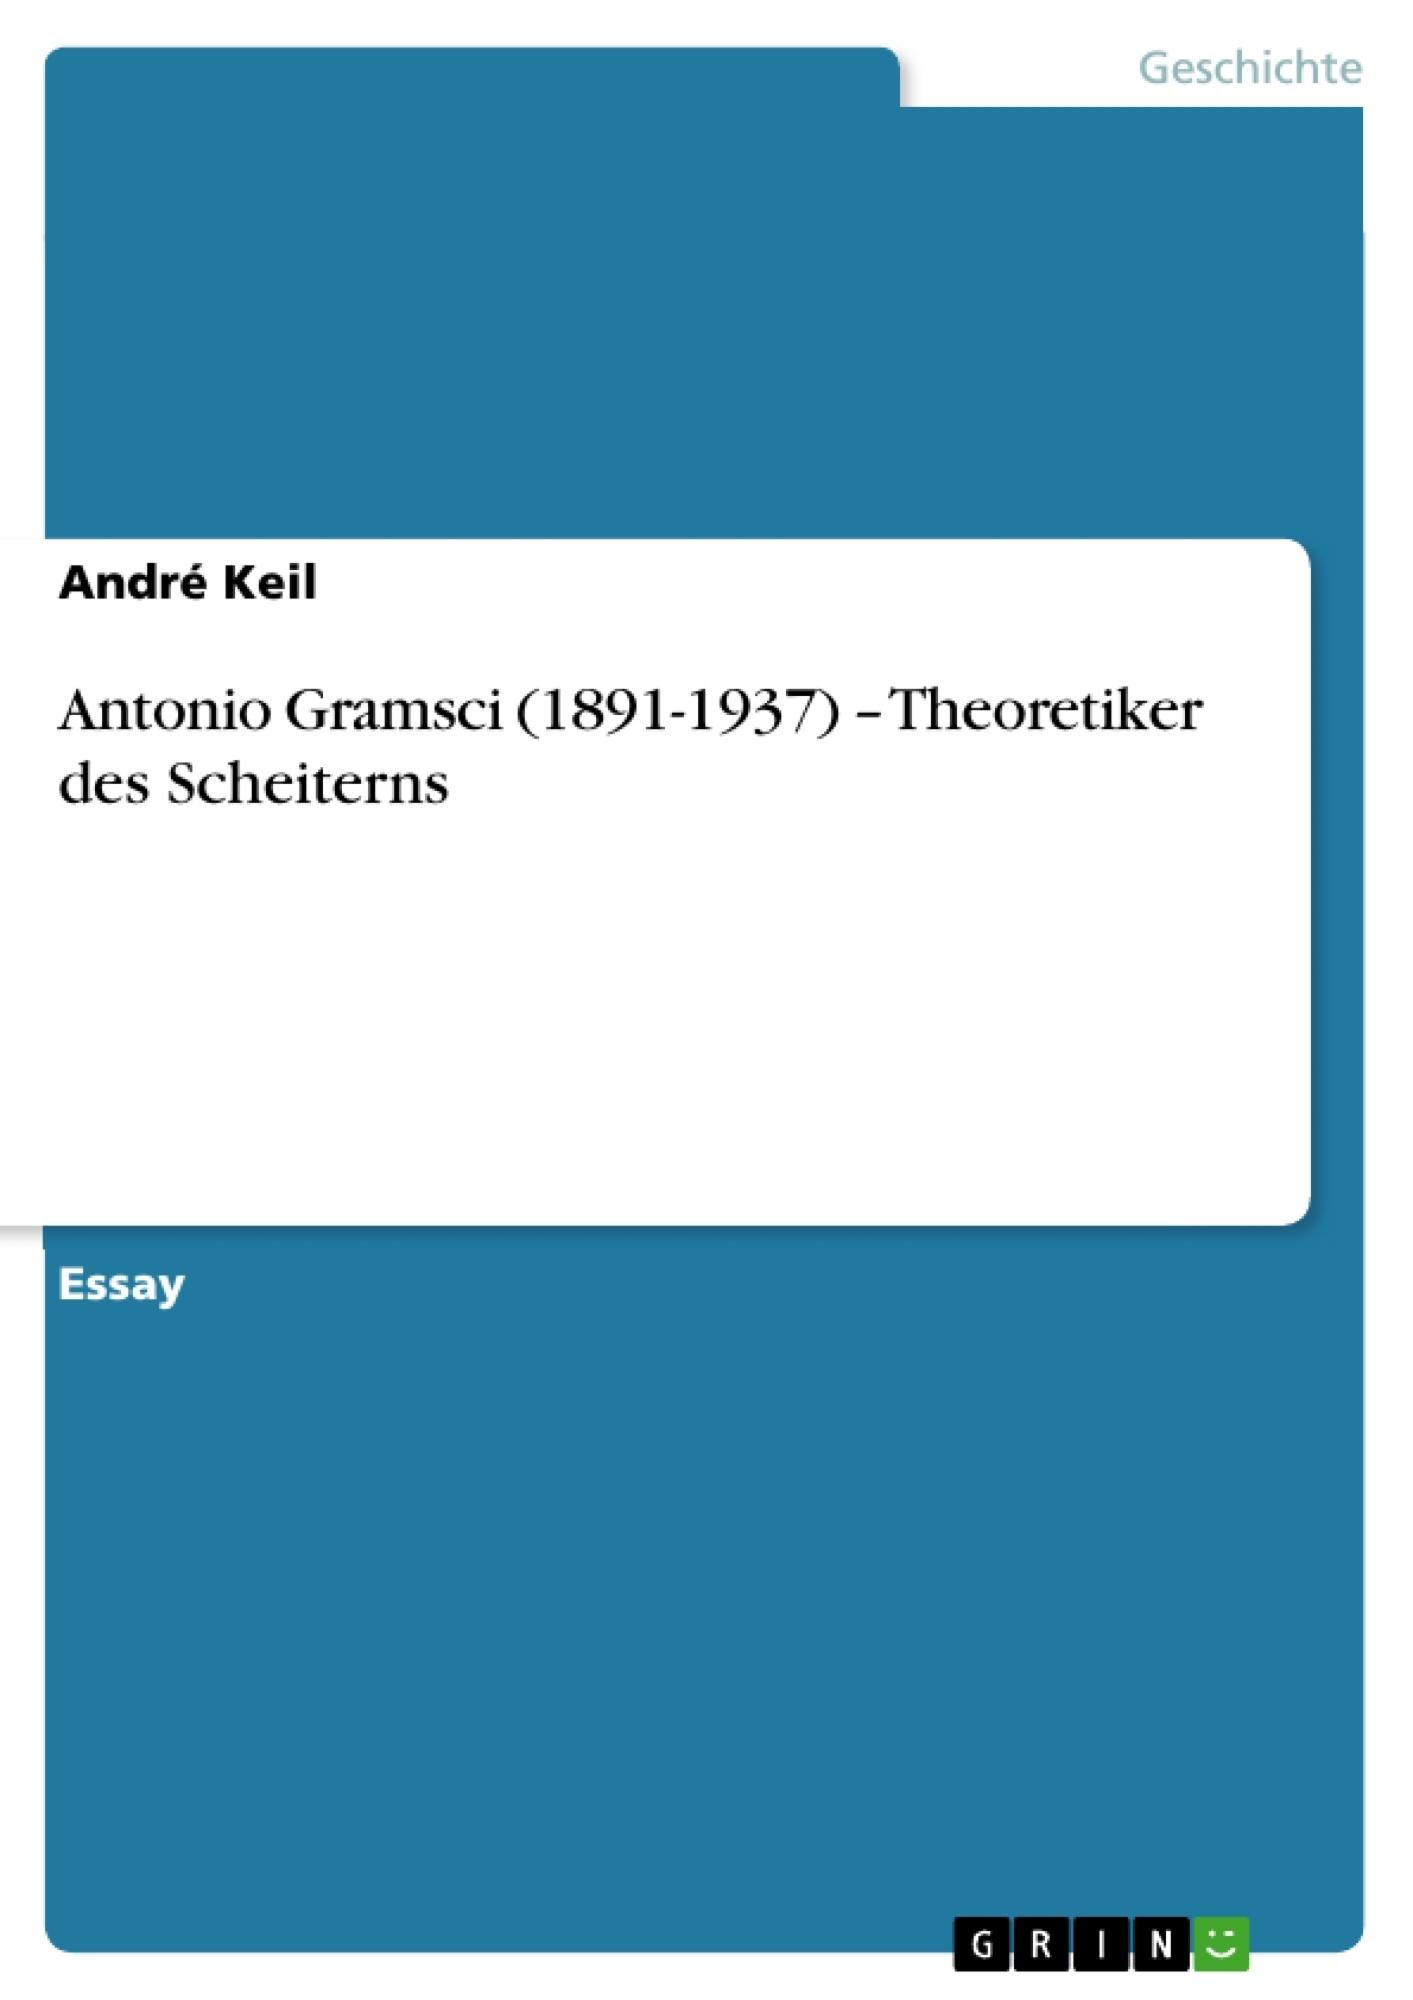 Titel: Antonio Gramsci (1891-1937) – Theoretiker des Scheiterns